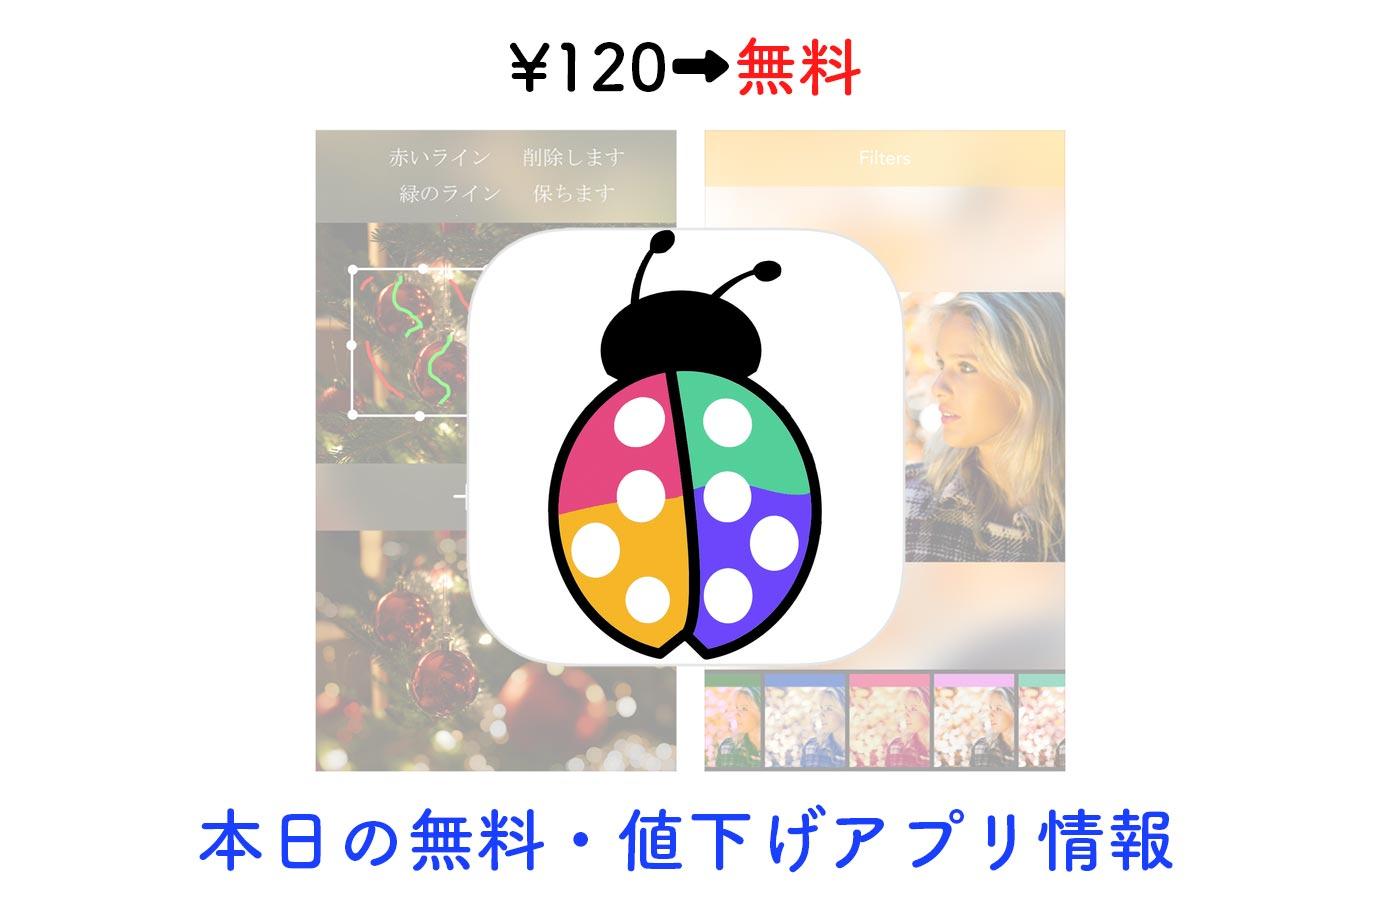 ¥120→無料、ボケ効果を利用して幻想的な写真に加工する「Speckle」など【10/3】本日の無料・値下げアプリ情報